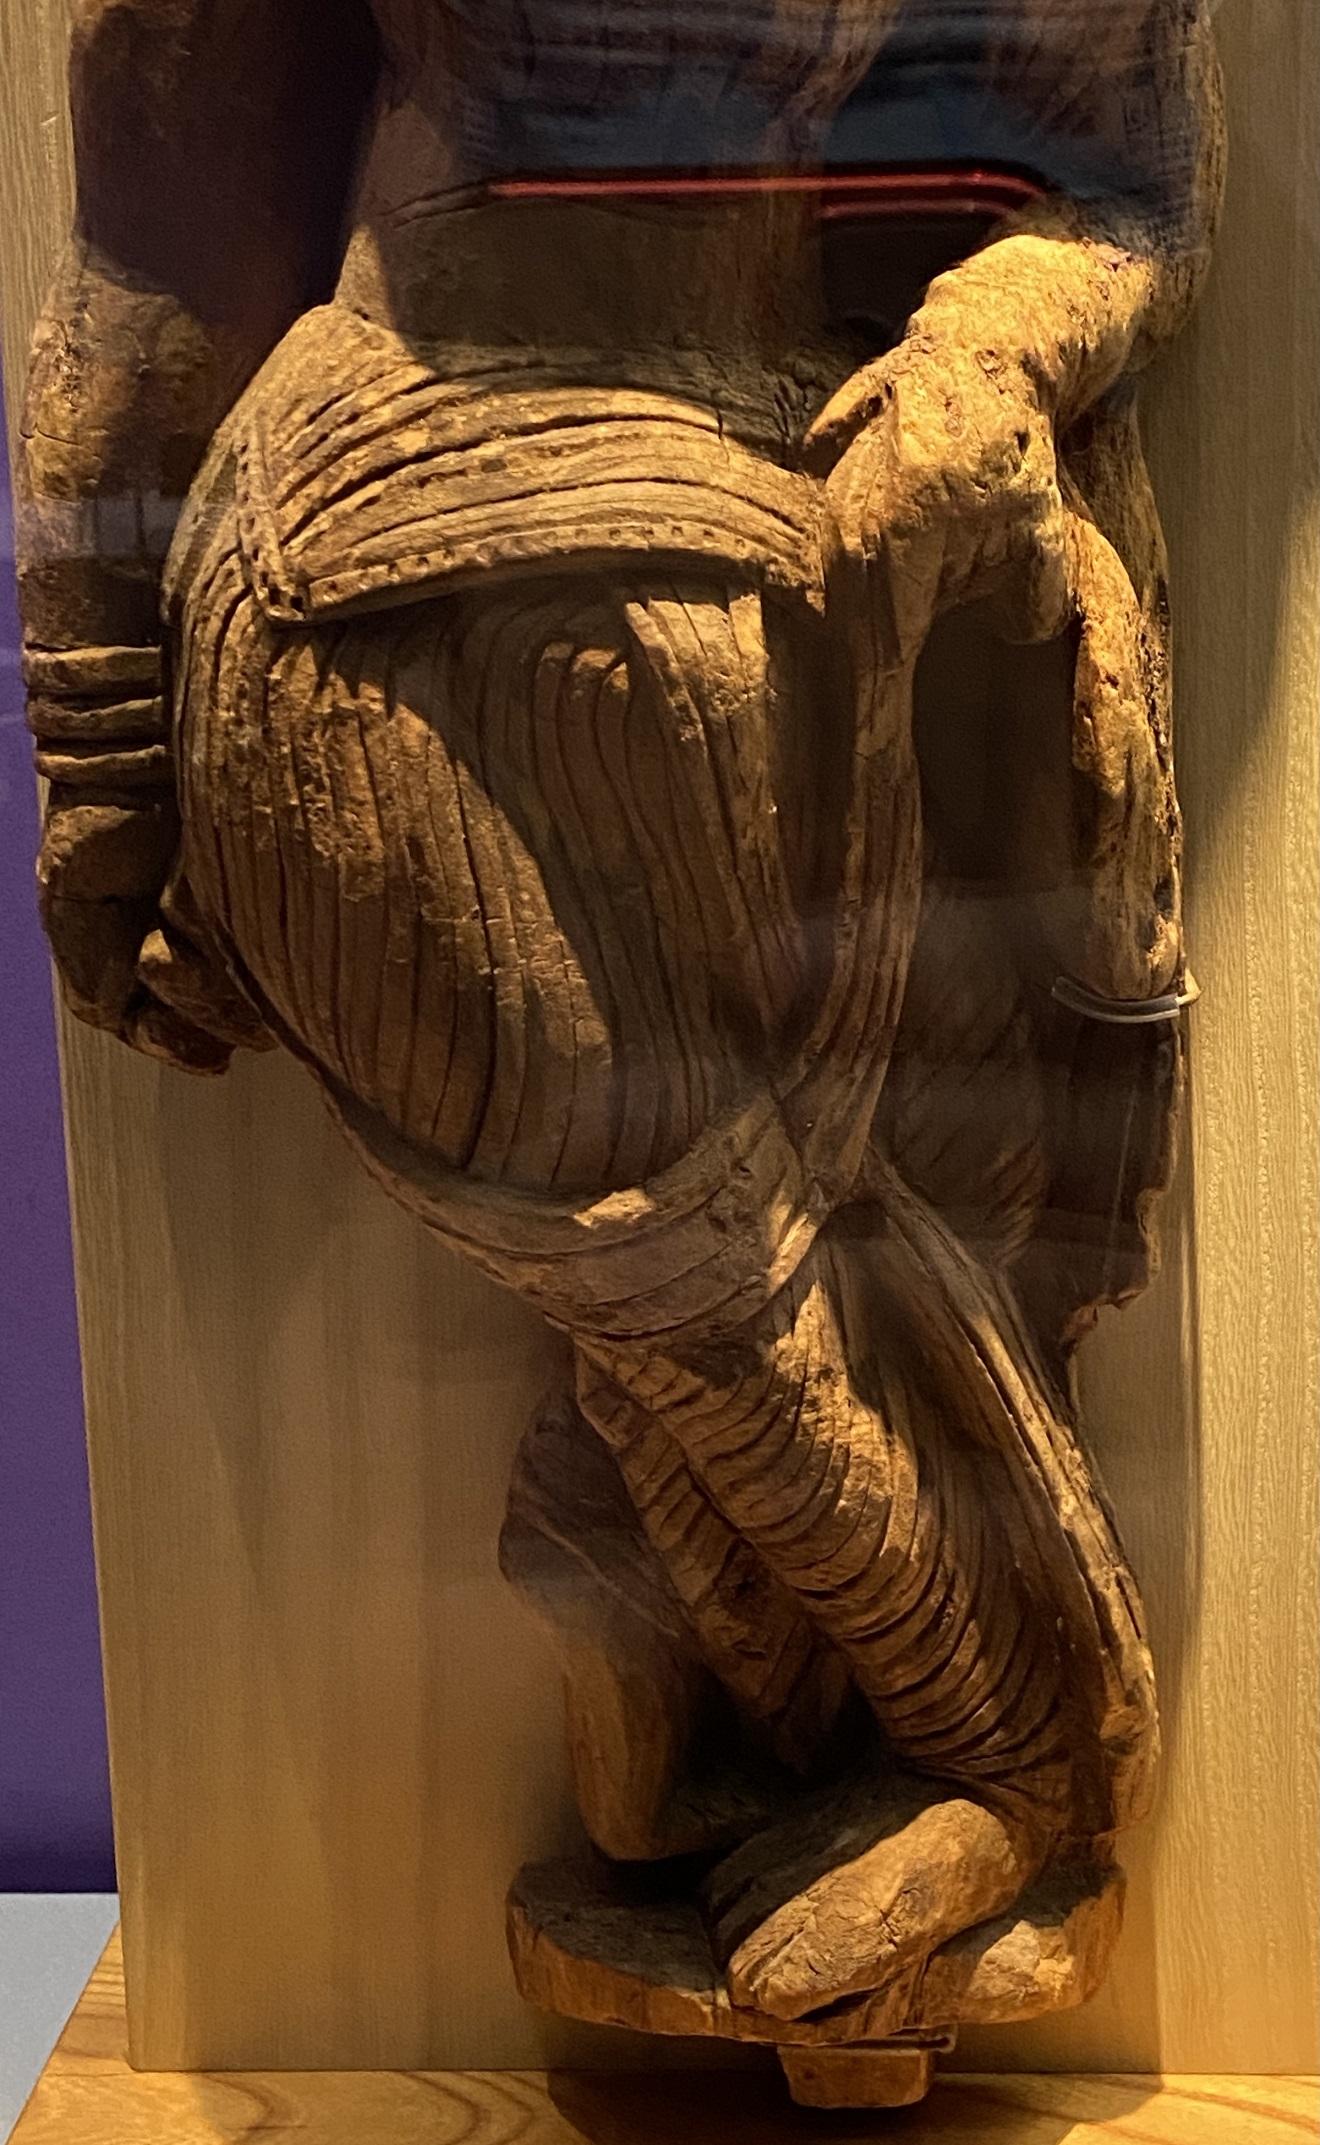 女神像-特別展【山高水長・物象千年-シルクルードの文化と交流】四川博物院-平山郁夫シルクロード美術館